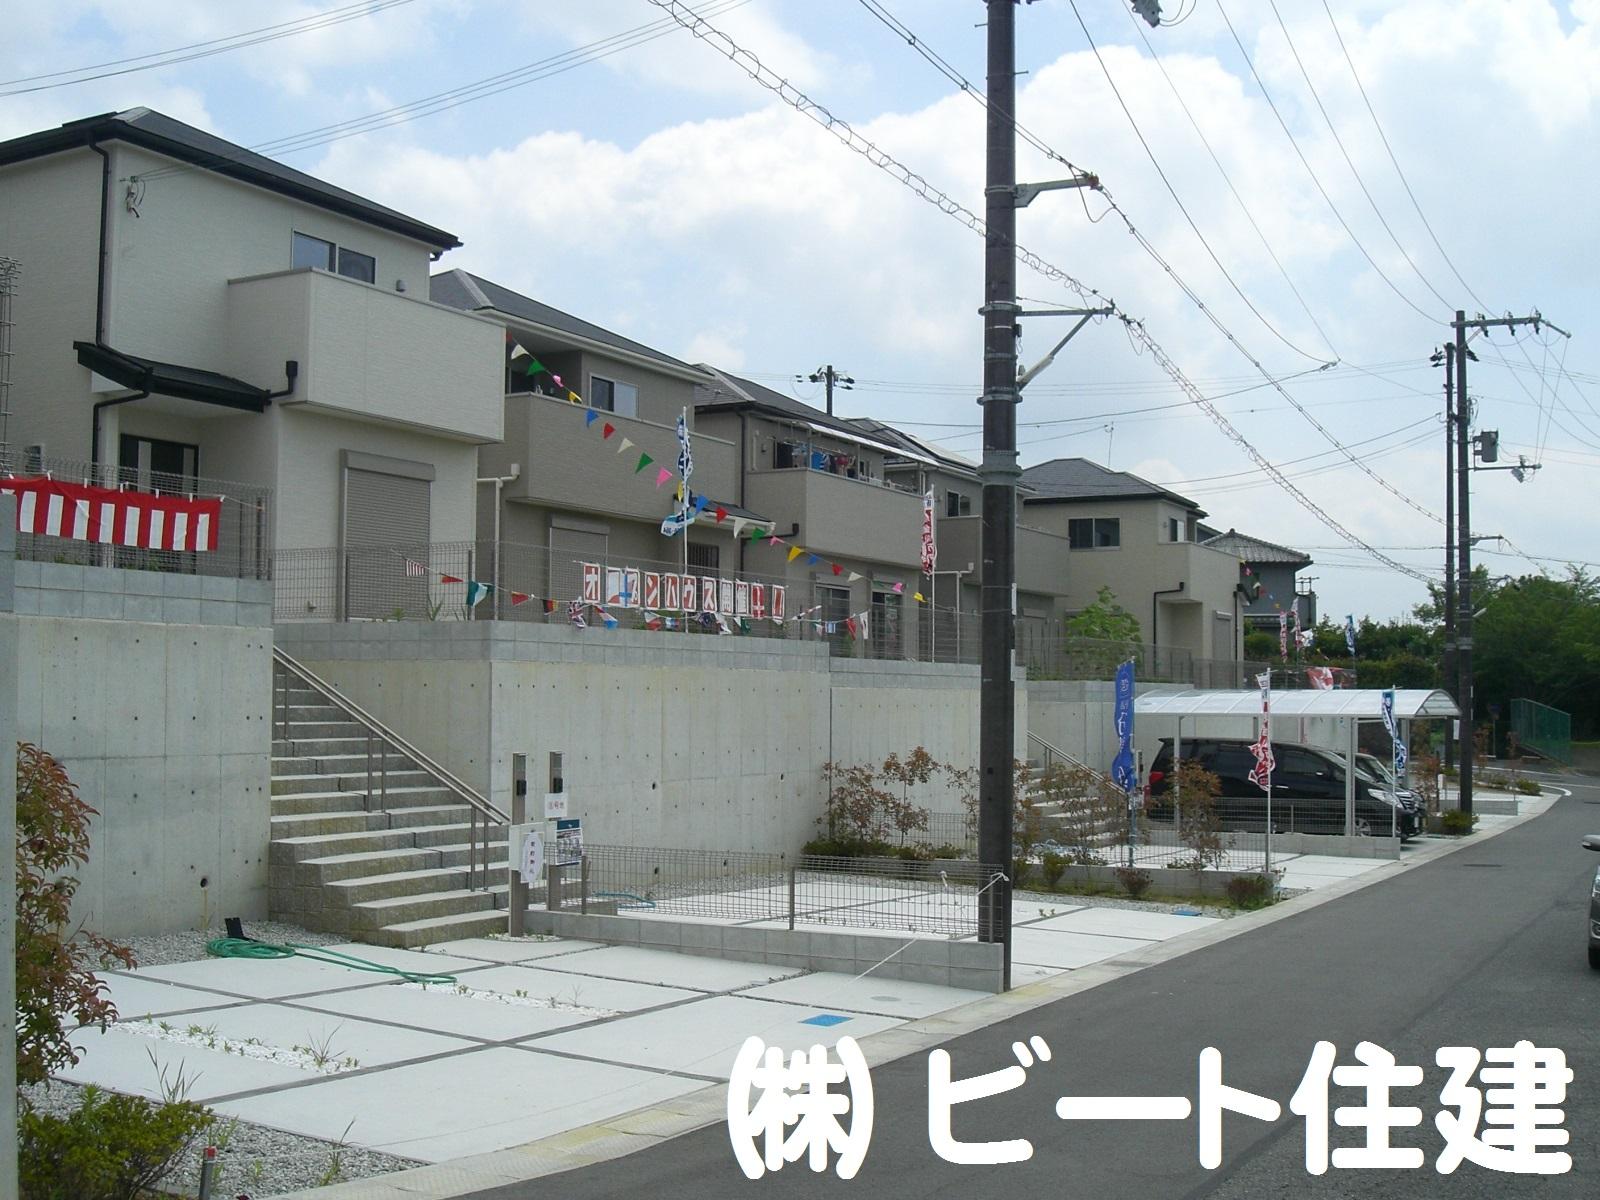 斑鳩町 龍田北 新築 販売価格 1880万円~